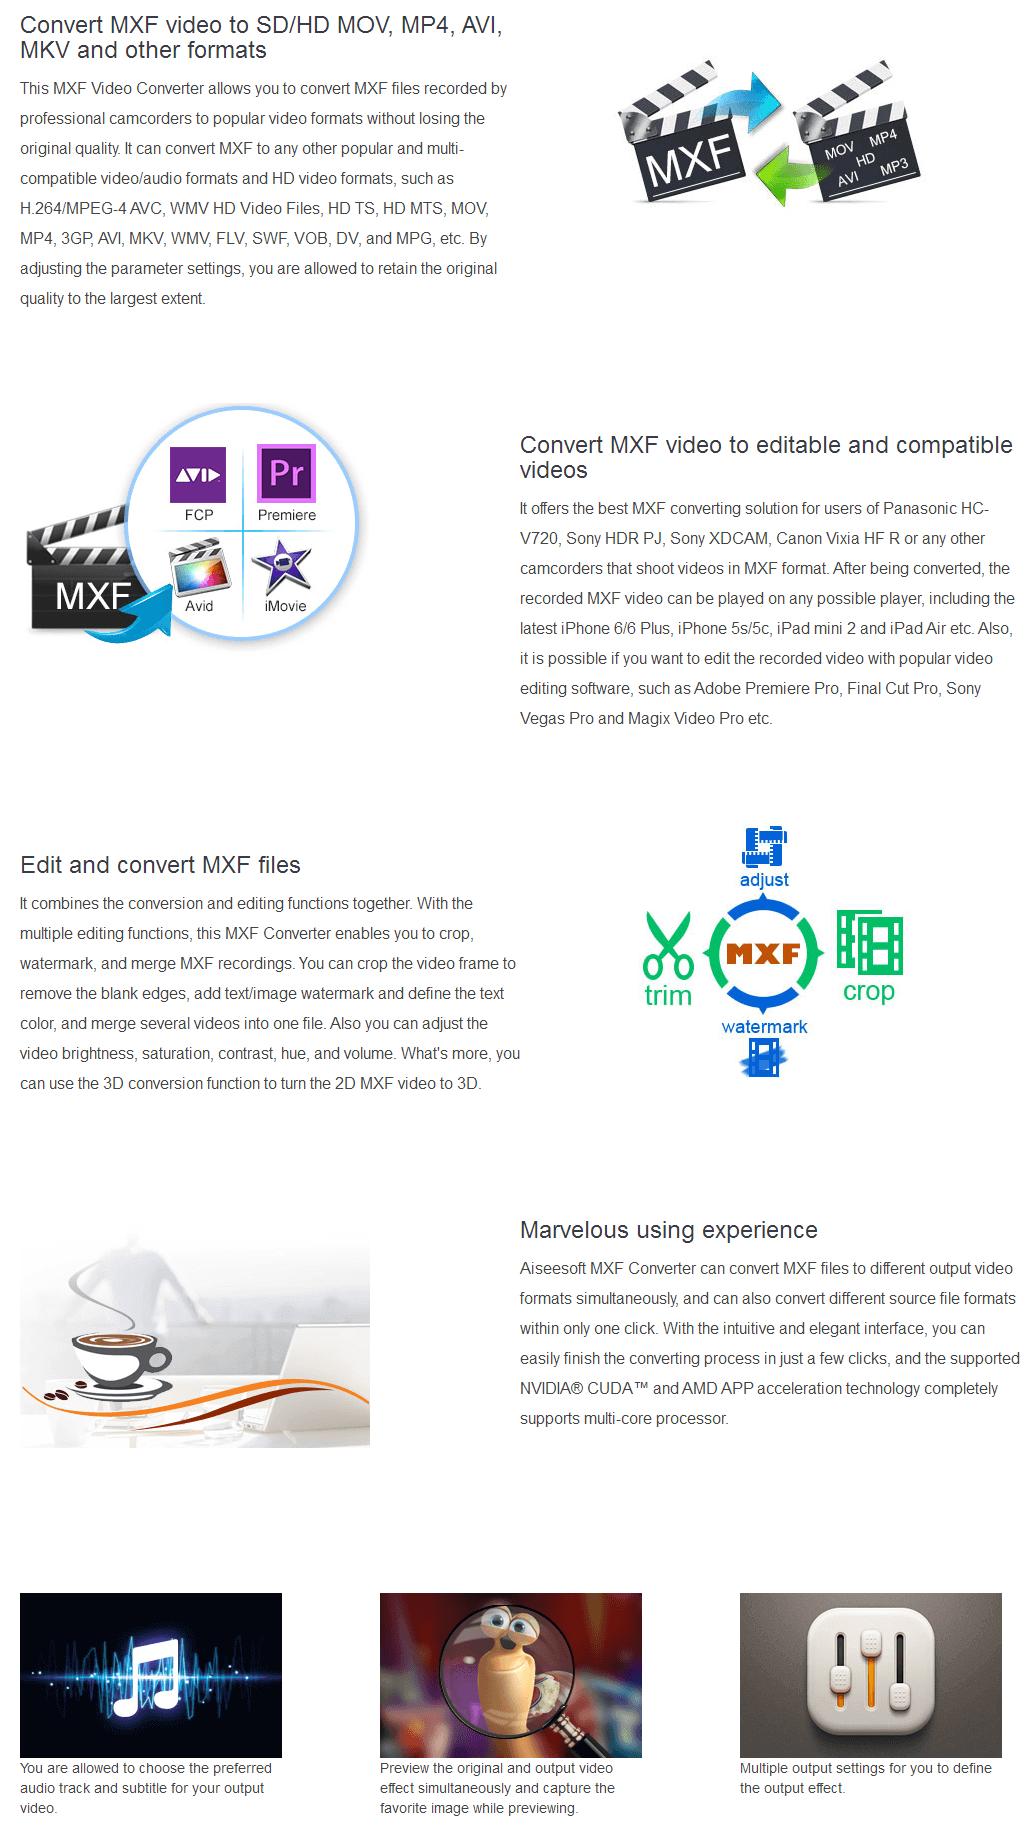 Aiseesoft MXF Converter 50% Discount